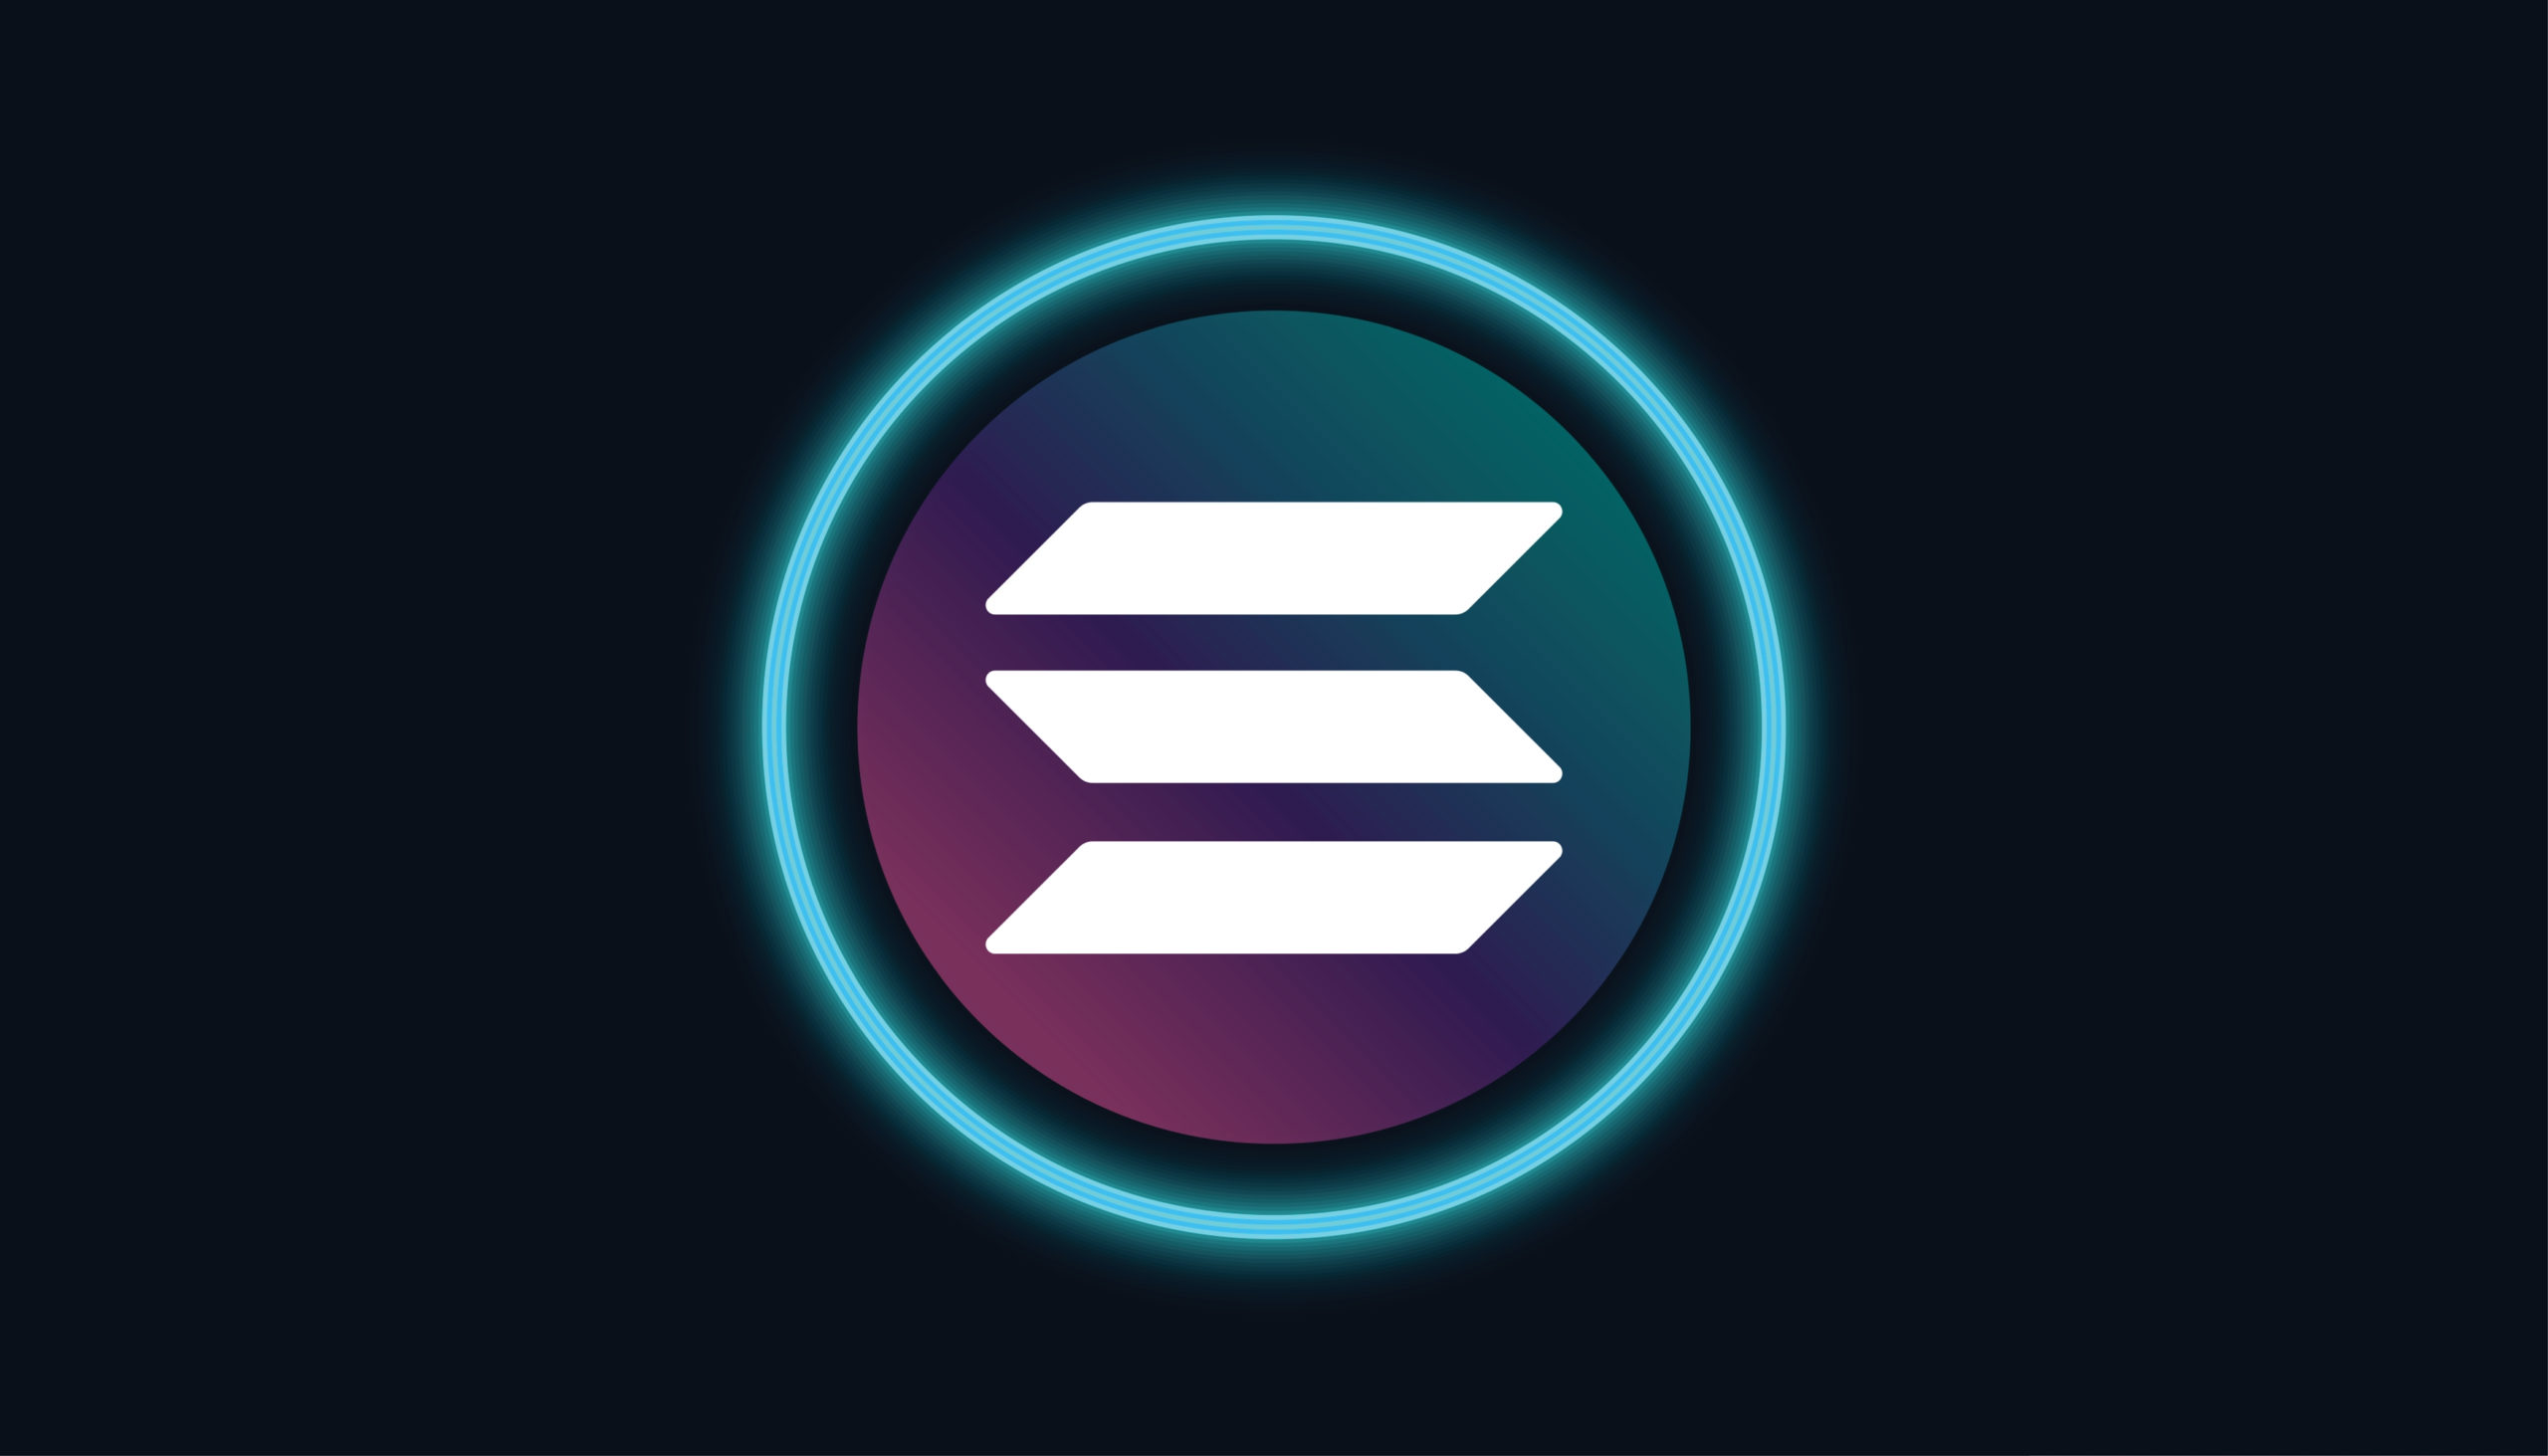 curso mestres do bitcoin 3.0 vale a pena